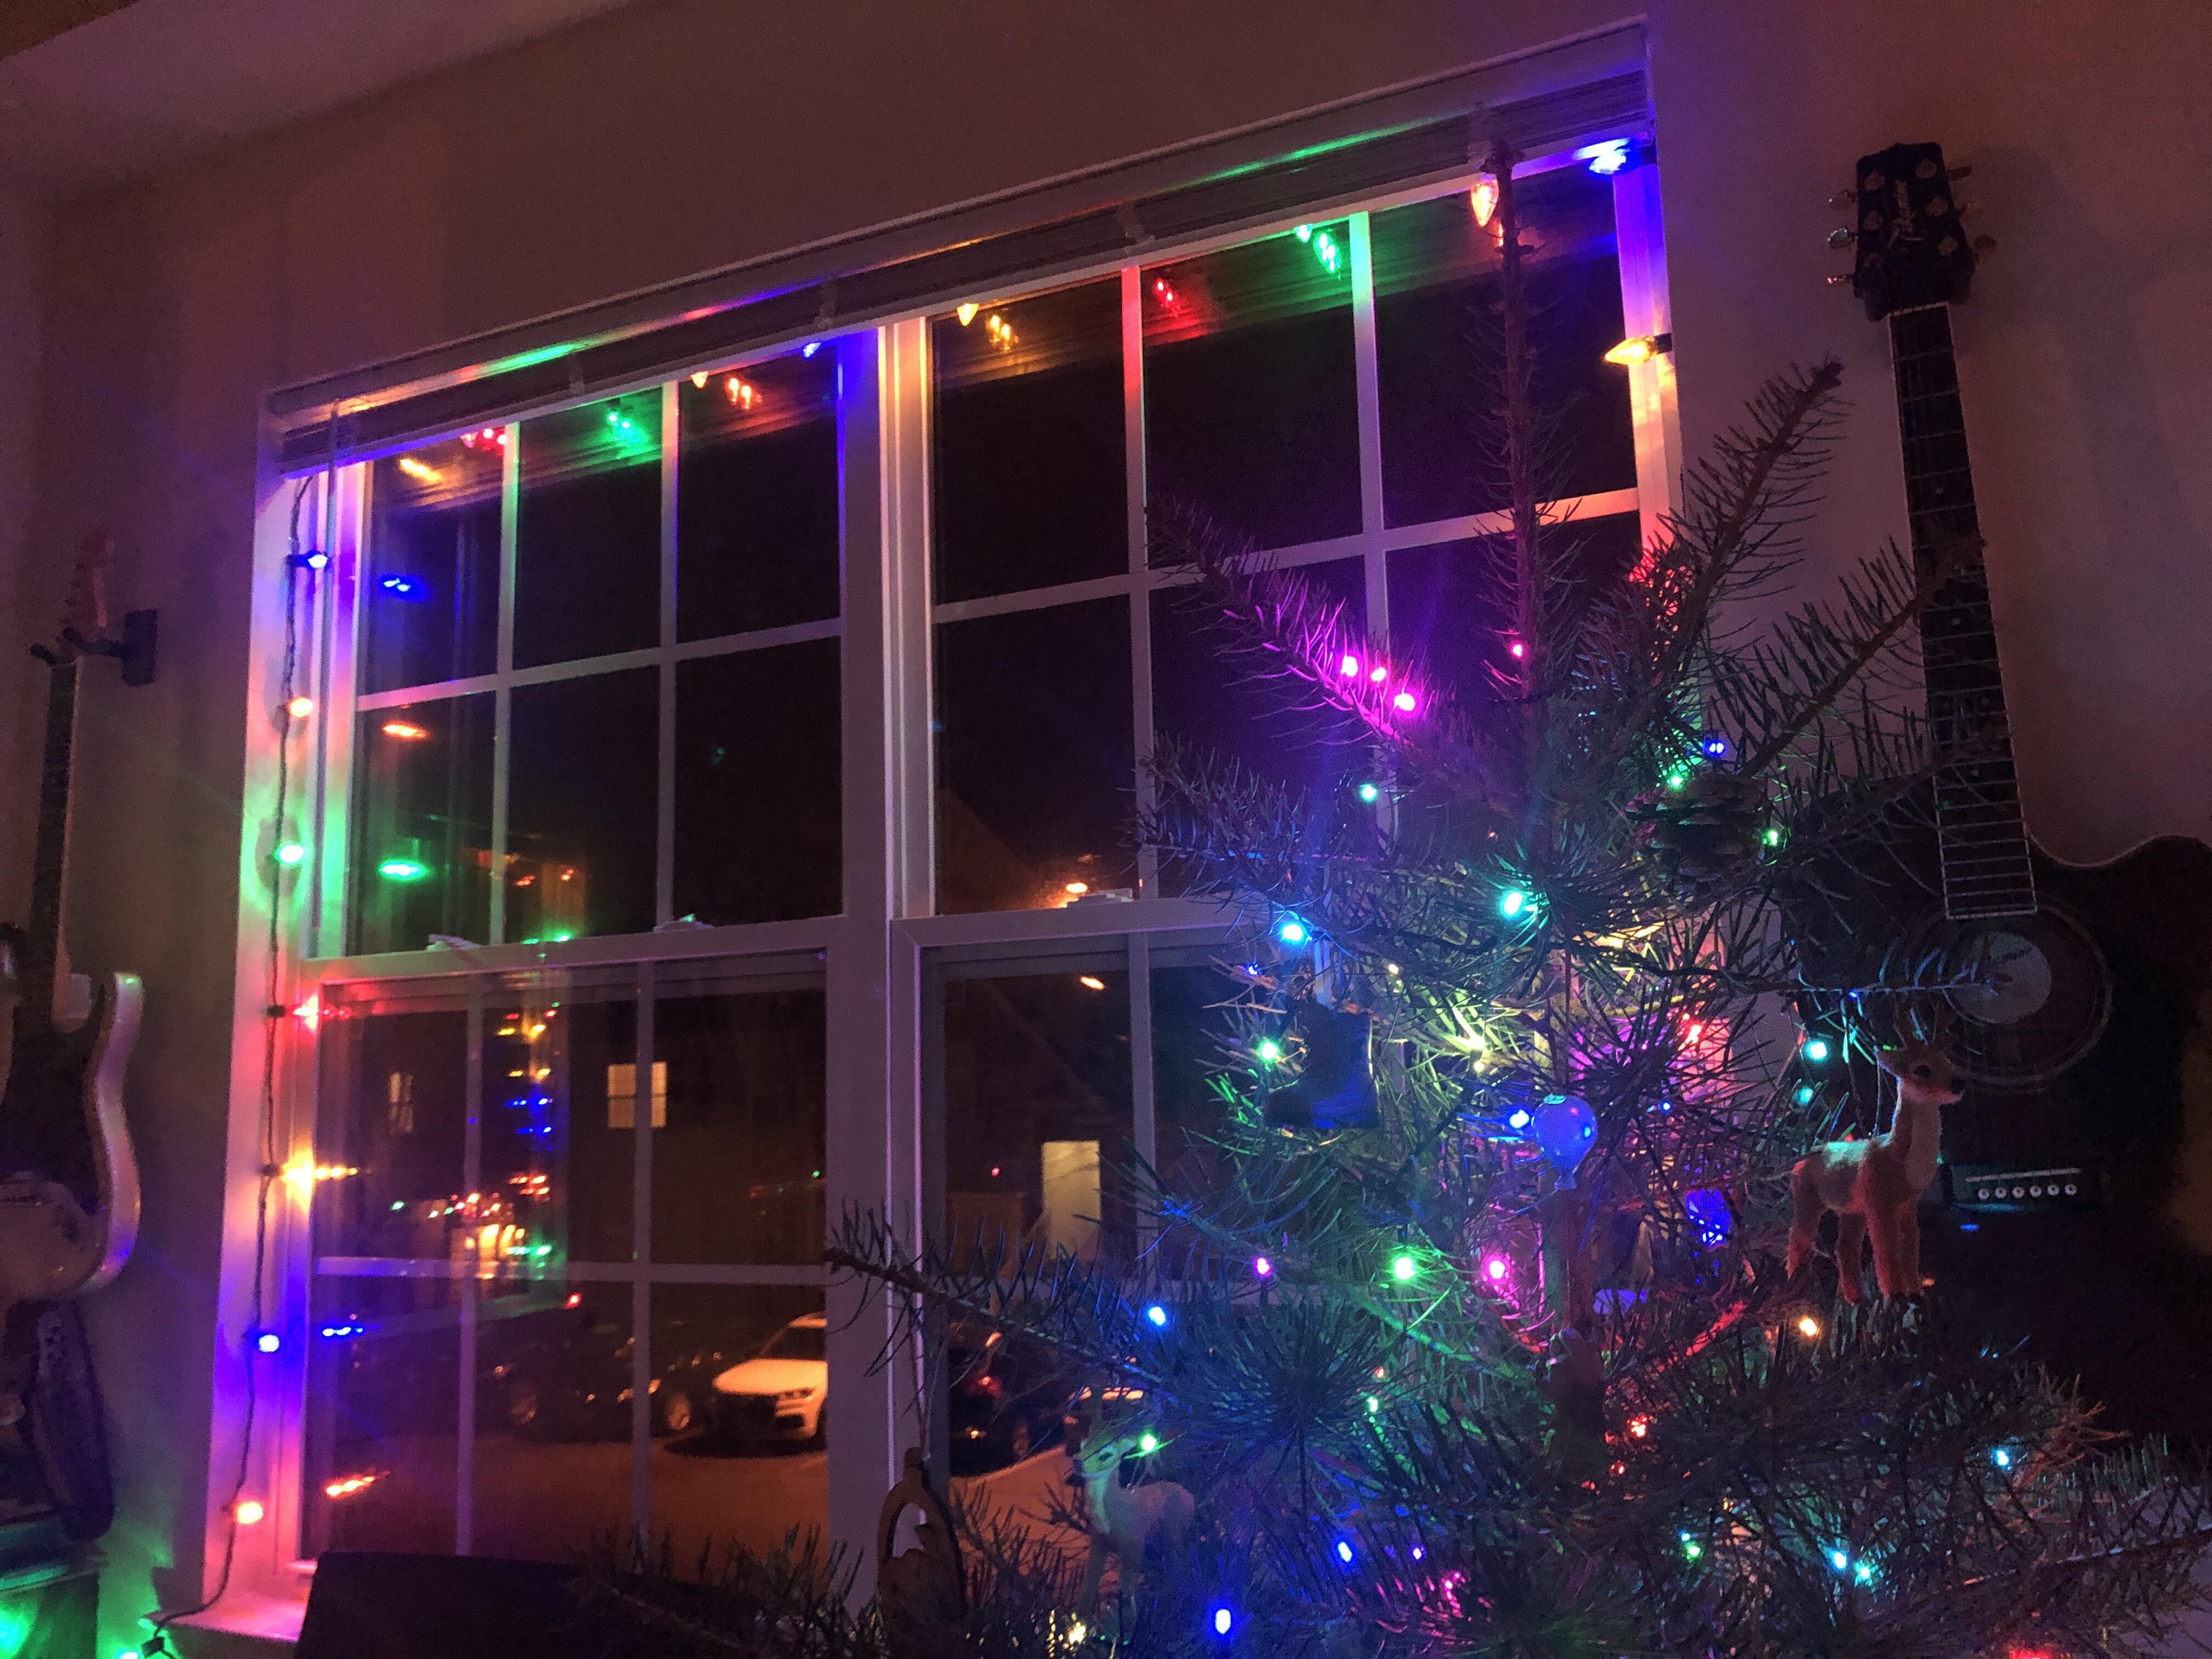 Luces de Navidad en un árbol y alrededor de una ventana.